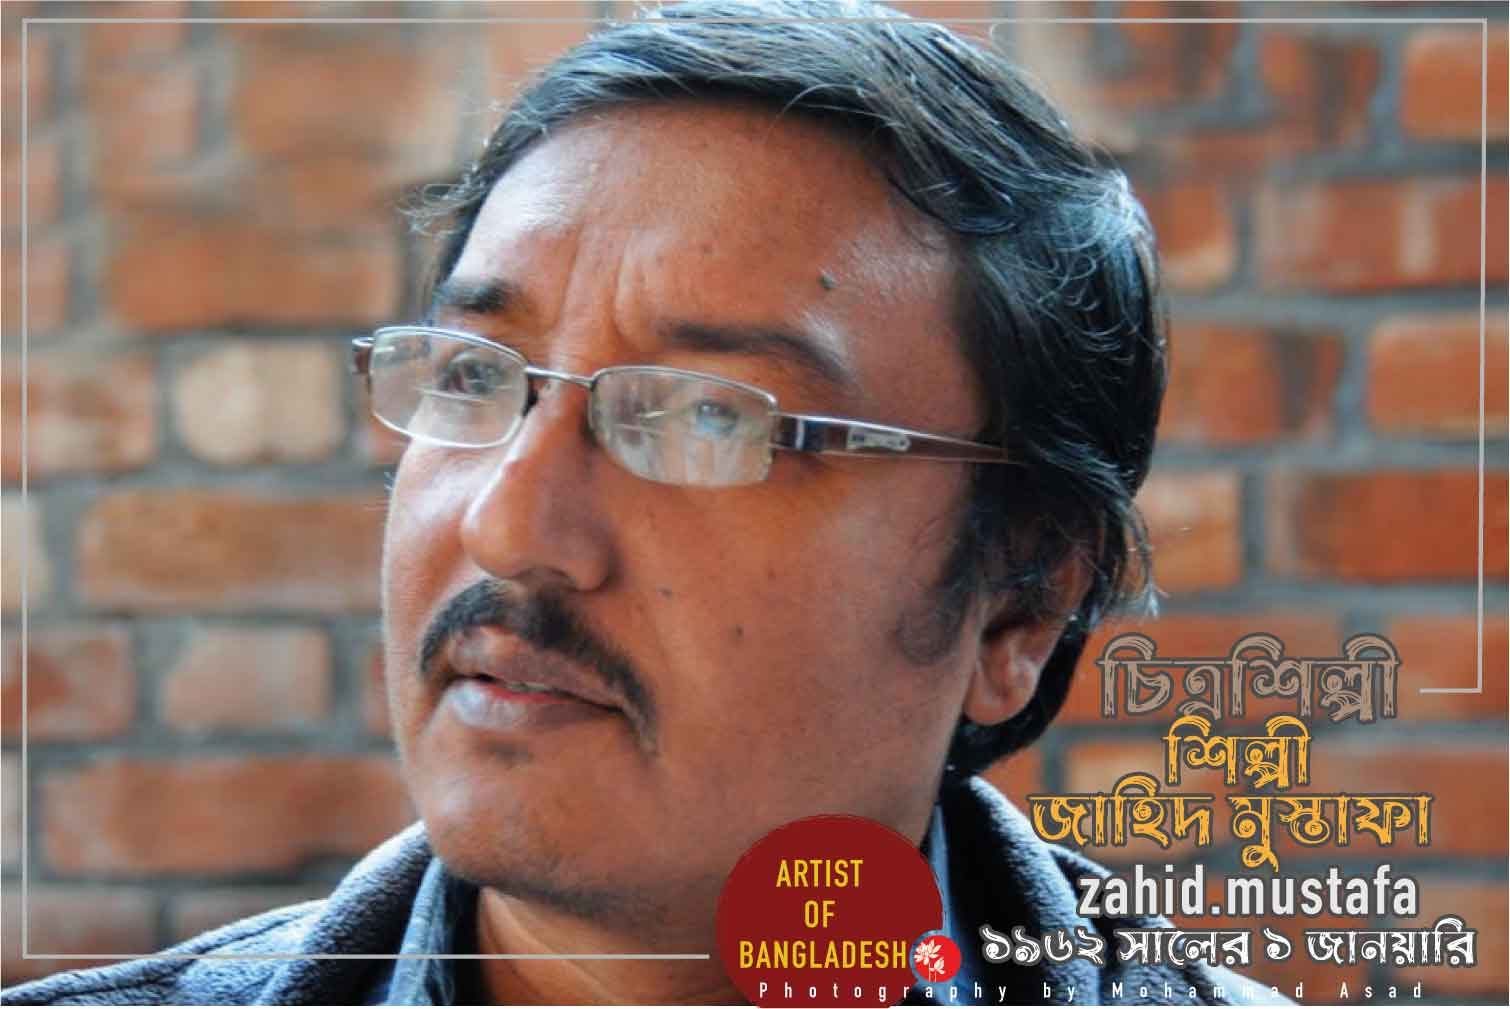 শিল্পী জাহিদ মুস্তাফা